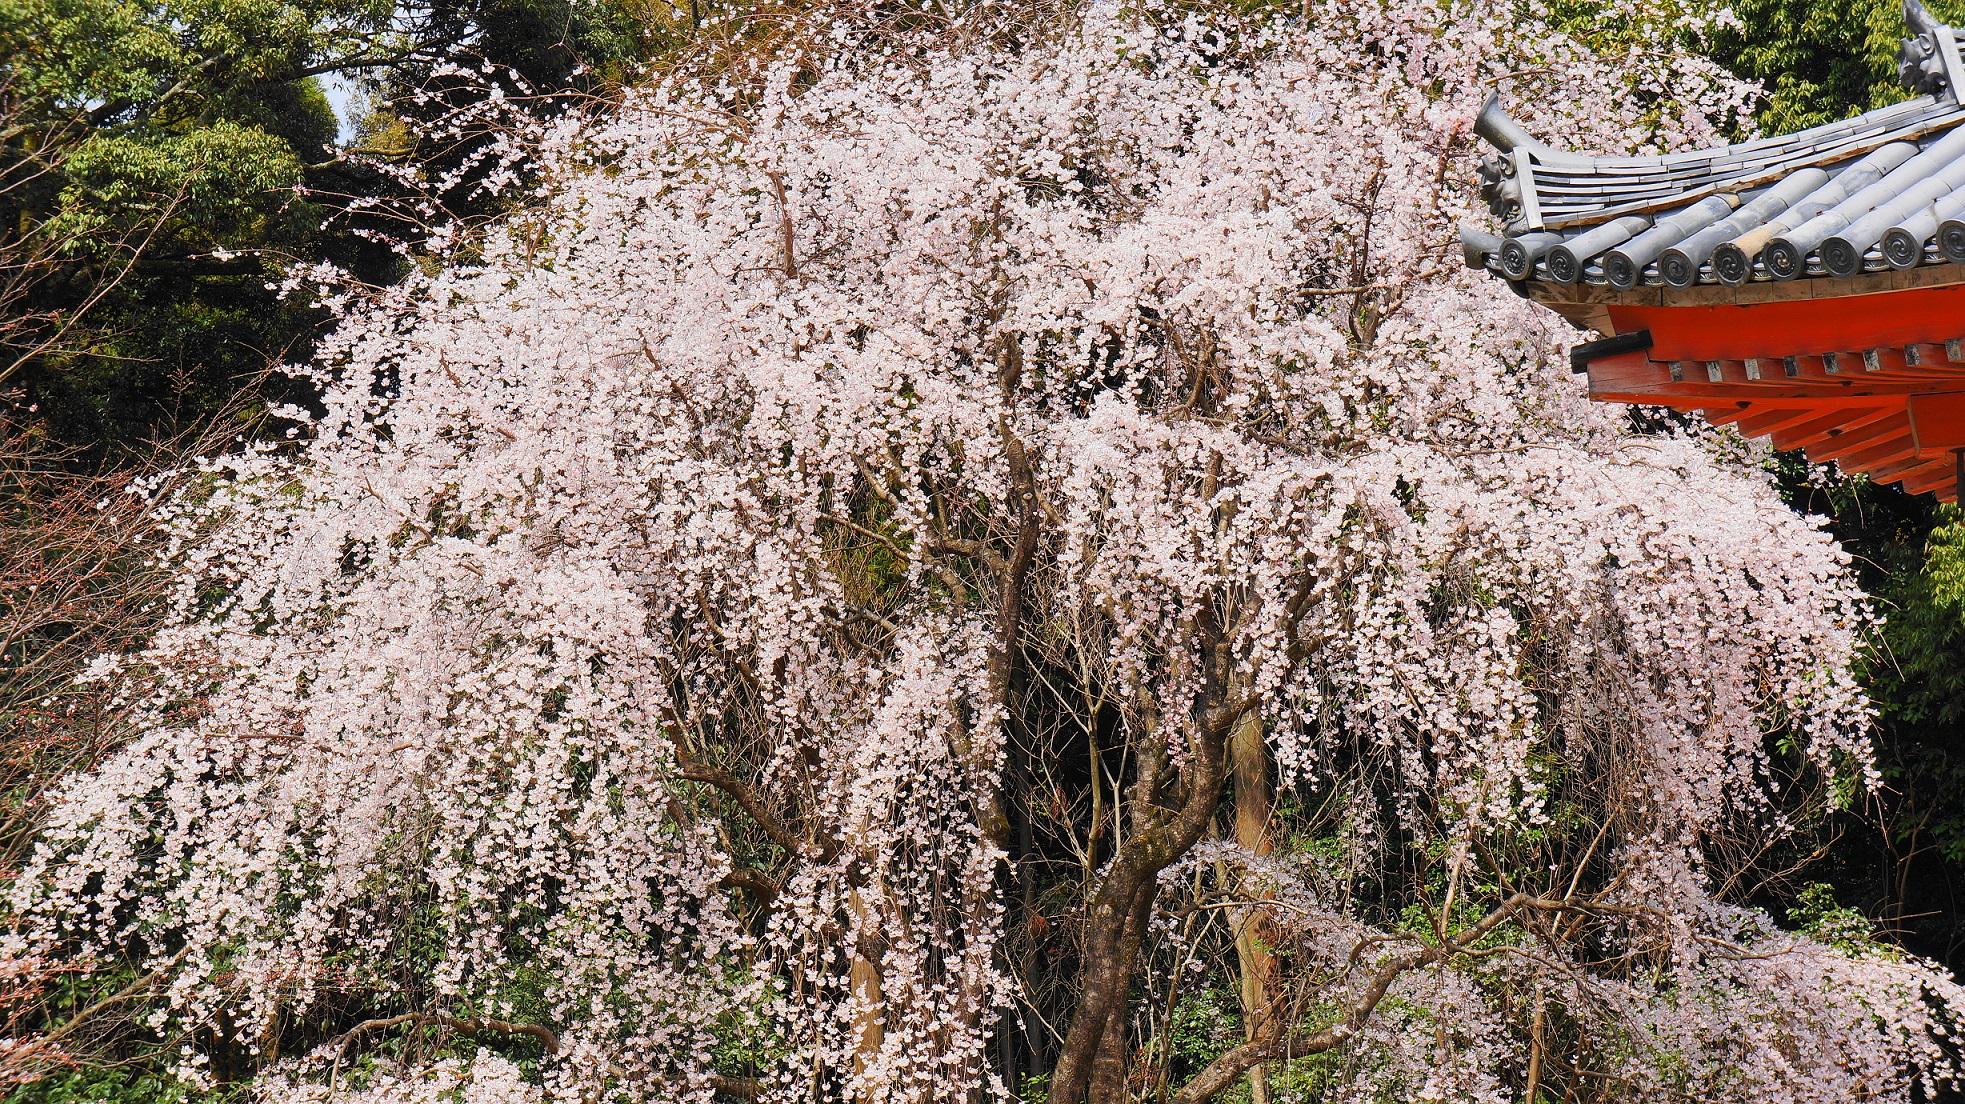 醍醐寺の金堂横の巨木の満開の薬師しだれ桜